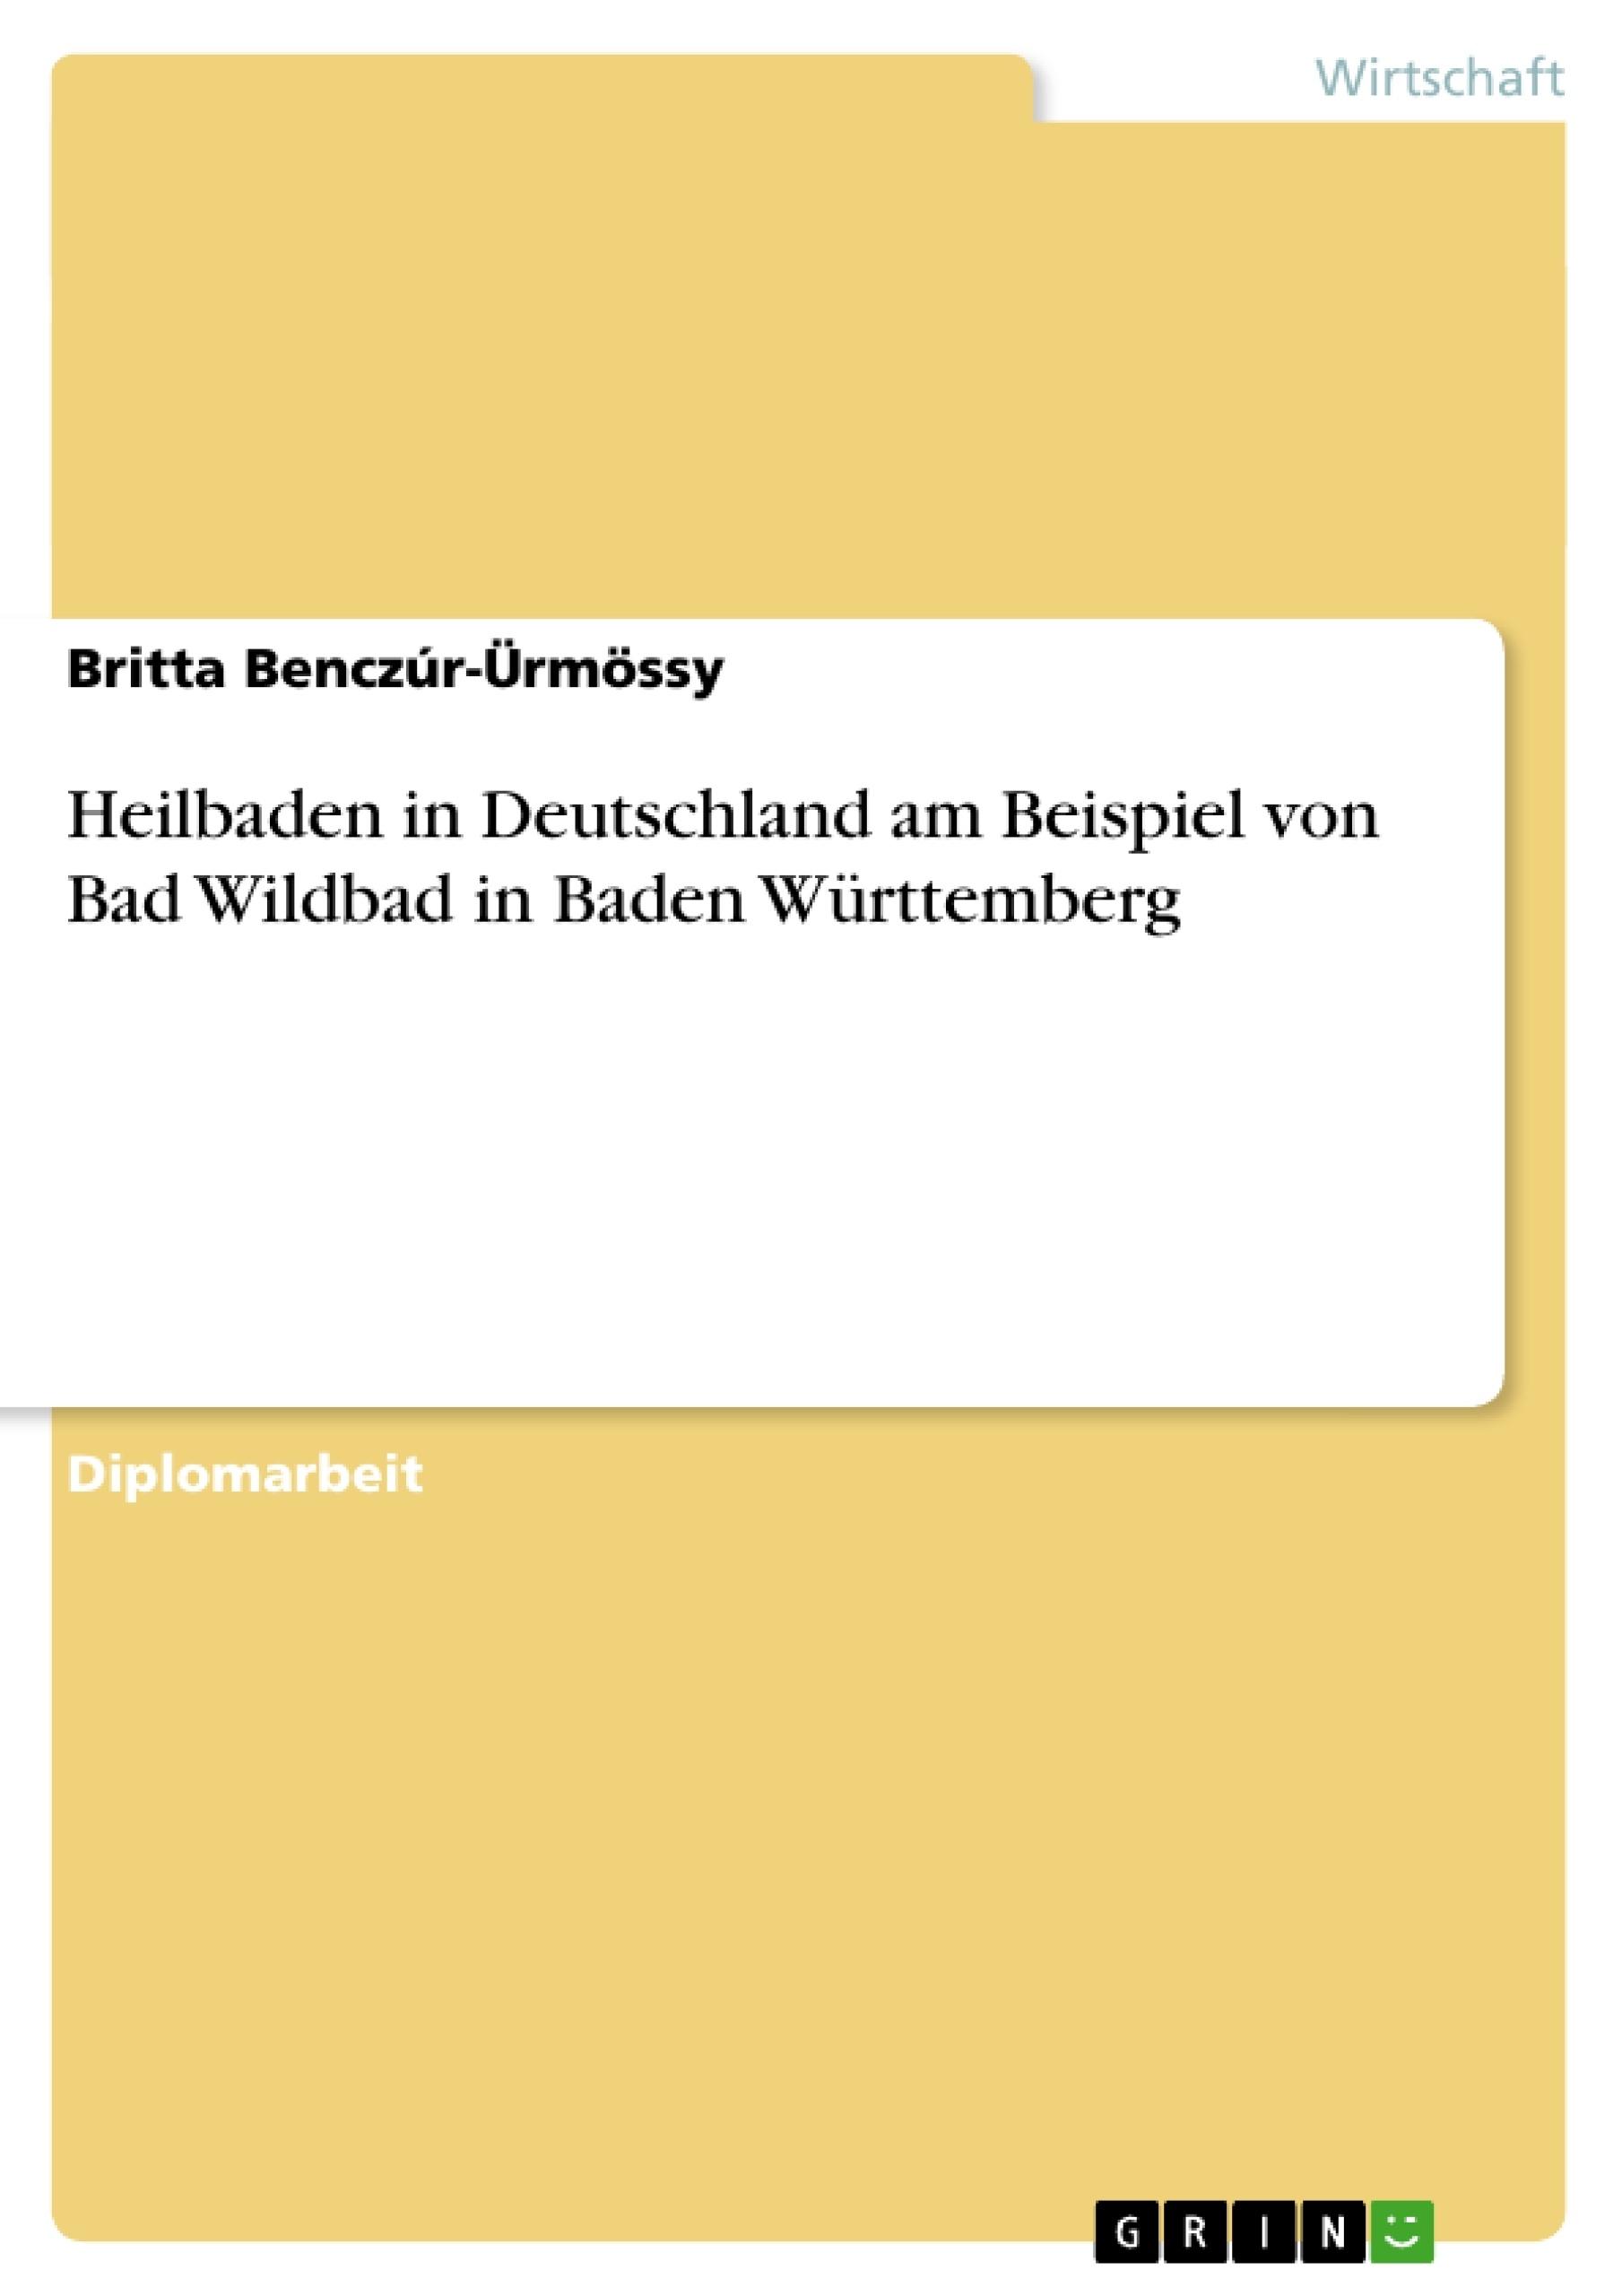 Titel: Heilbaden in Deutschland am Beispiel von Bad Wildbad in Baden Württemberg